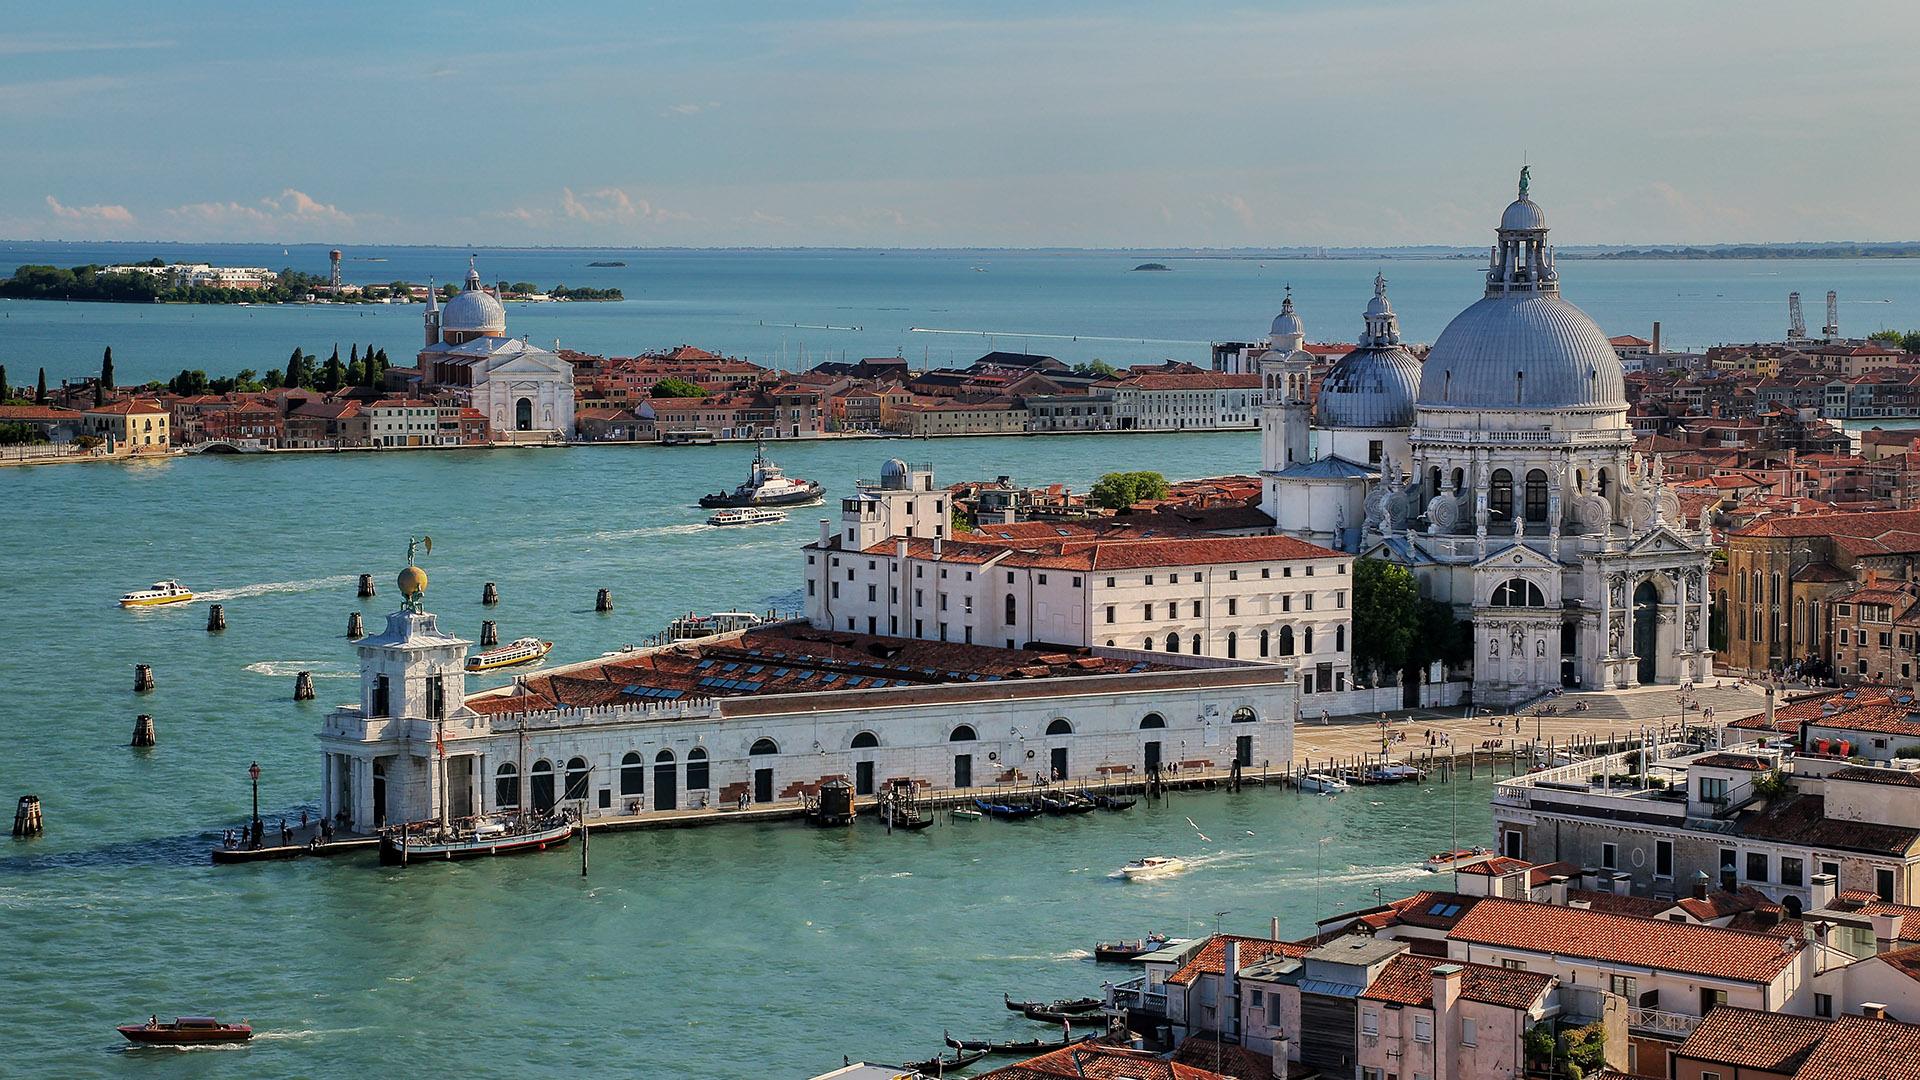 Luxury Water Taxi Venice - Punta della dogana